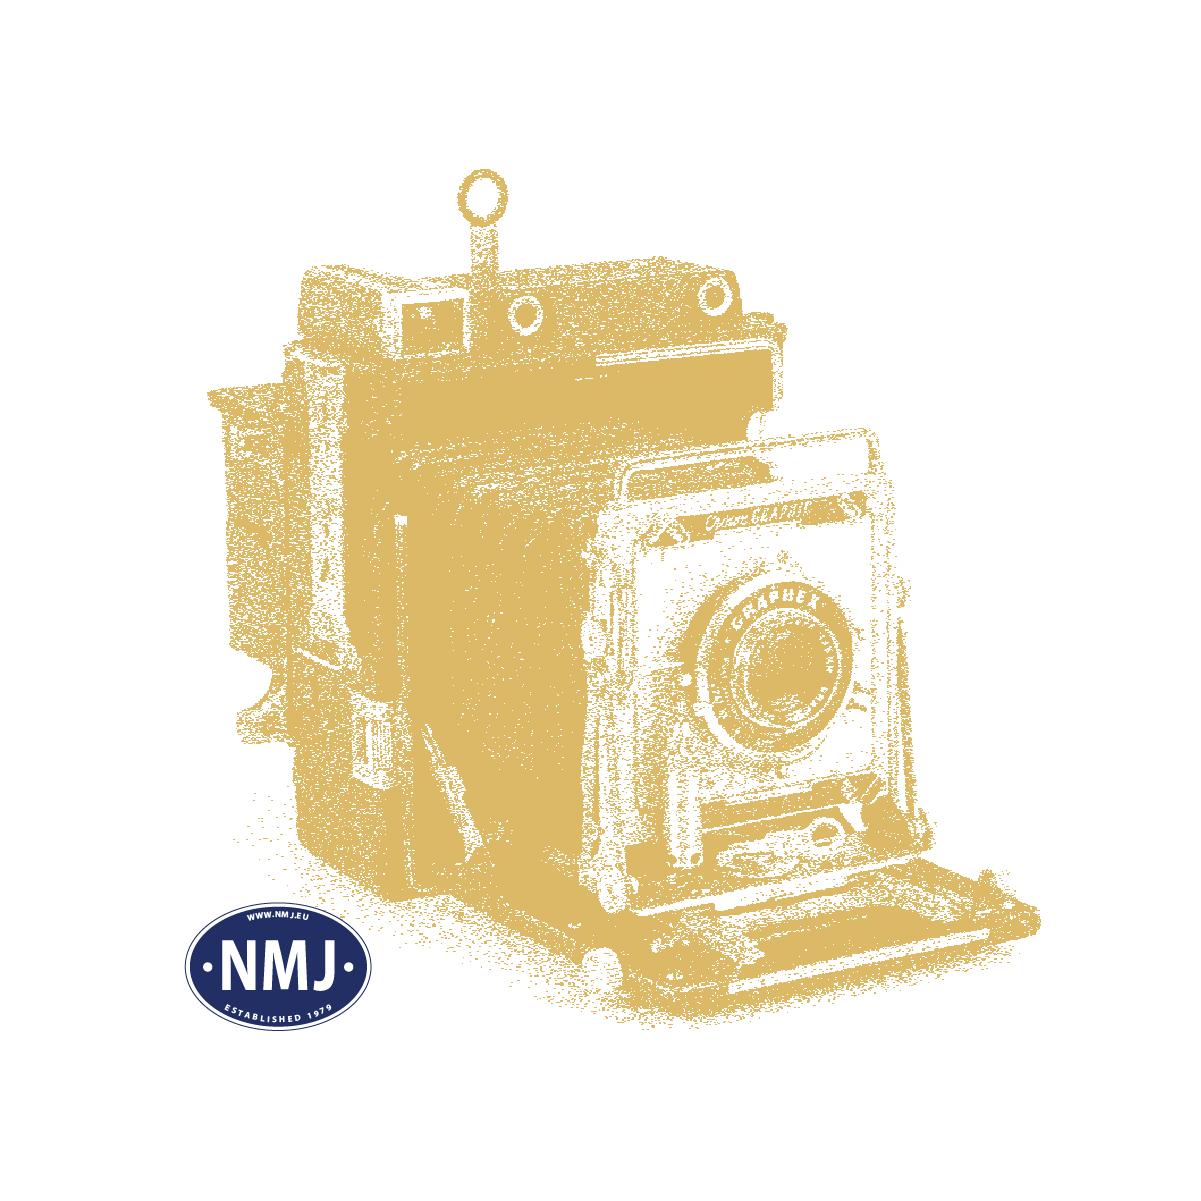 ART316.14 - Tilhenger for bagasjetralle, N-skala